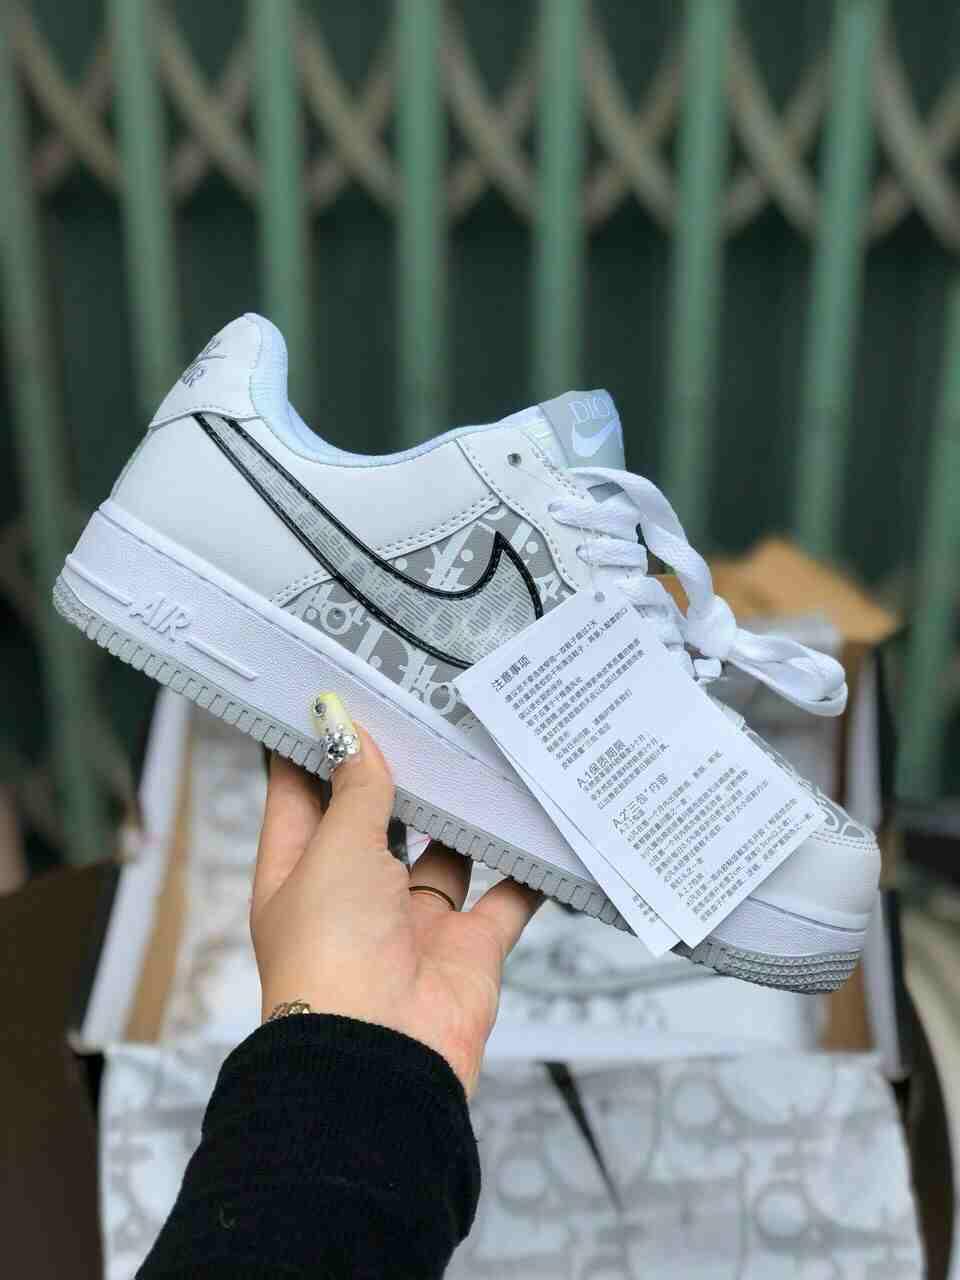 Đế giày Nike Air Force 1 Dior rep 1:1 làm từ chất liệu cao su nguyên khối có độ đàn hồi tốt